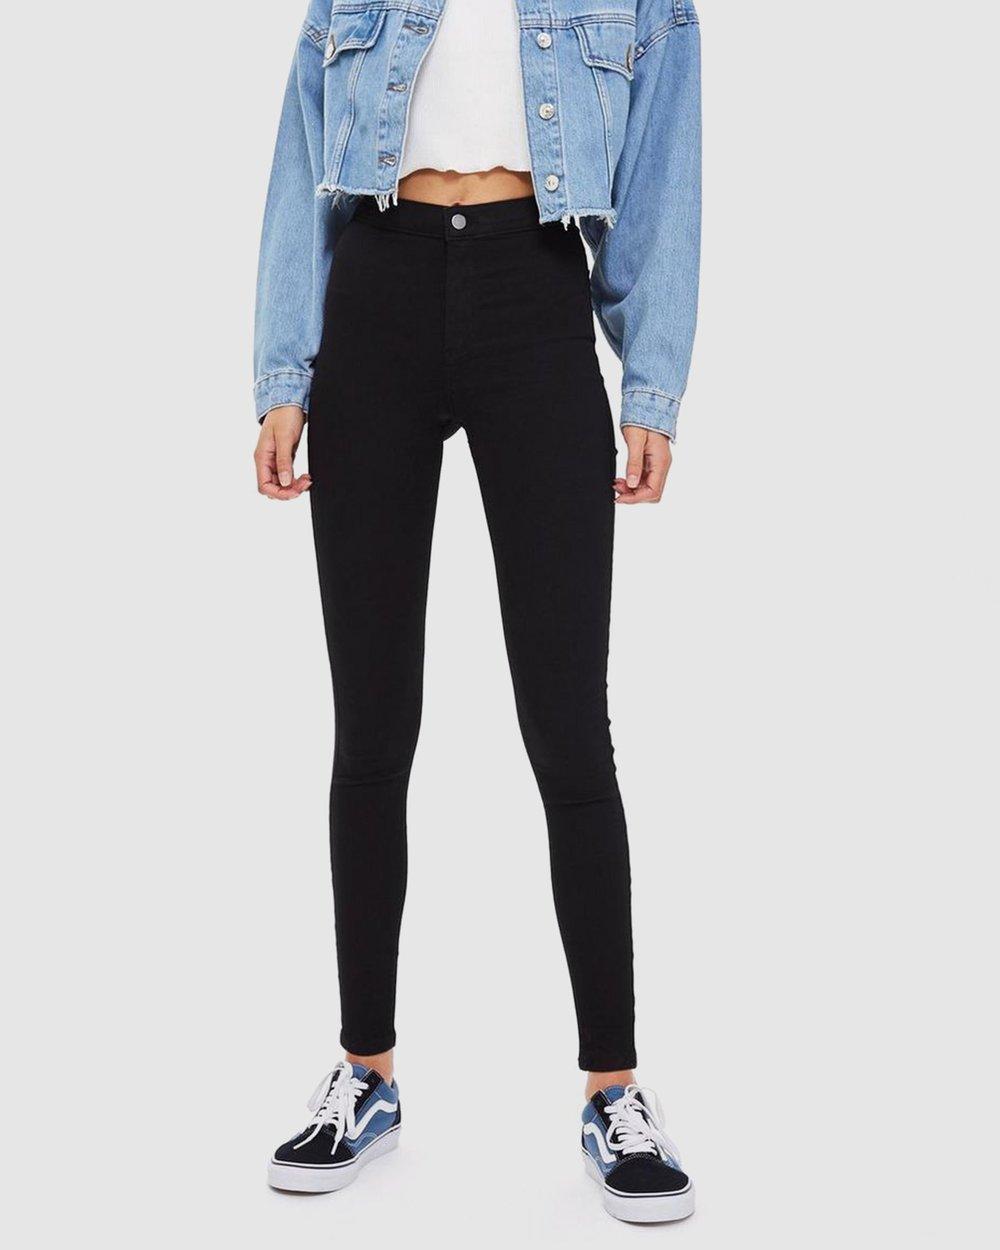 f1785048faea MOTO Joni Jeans by TOPSHOP Online